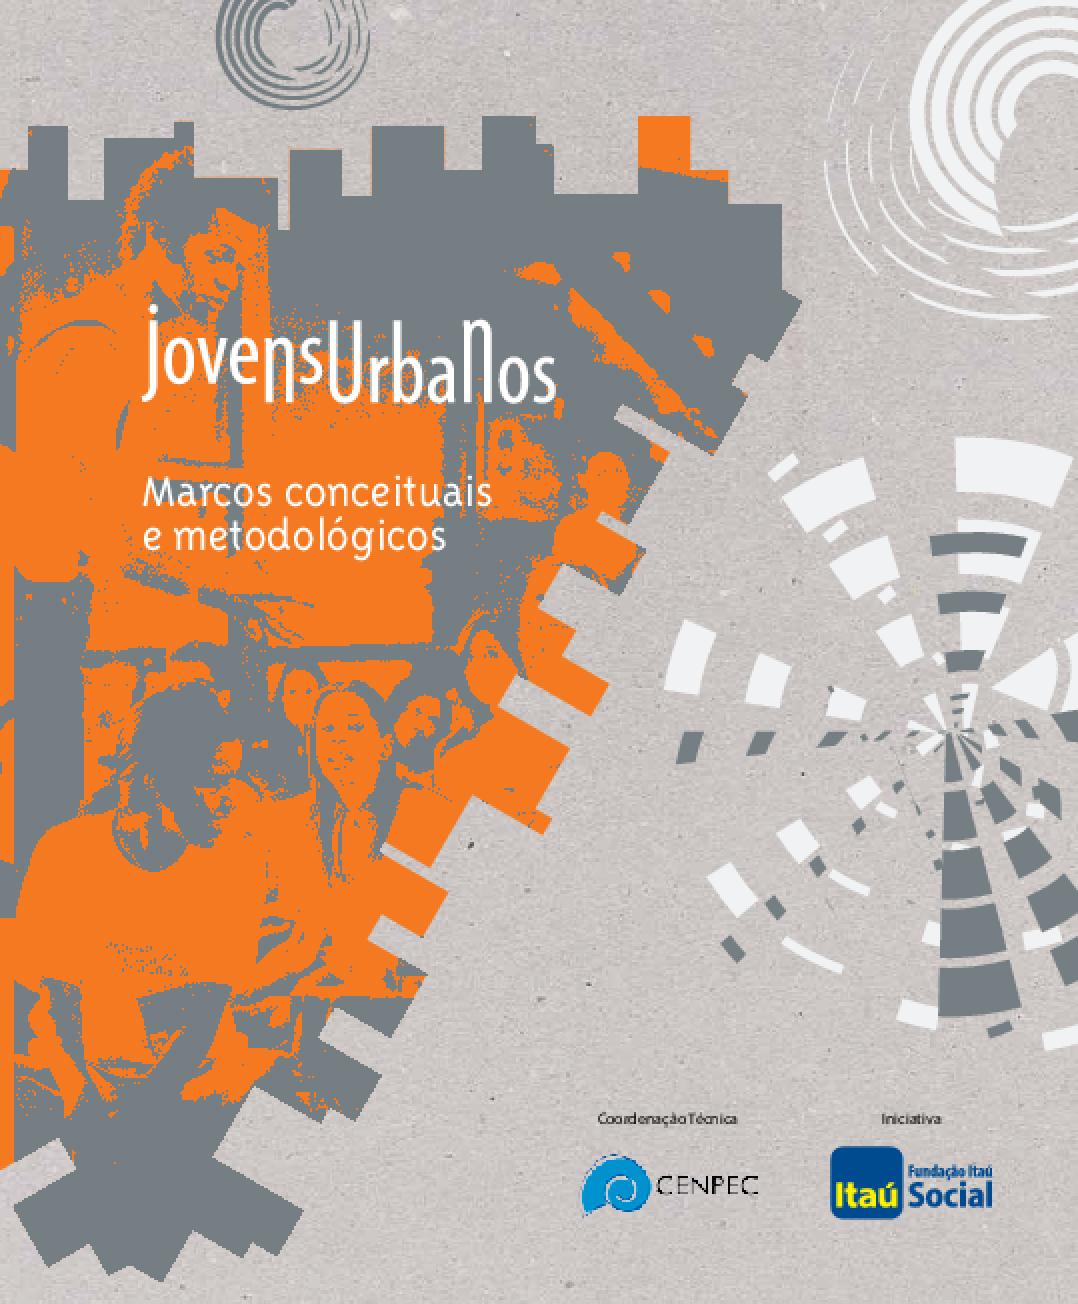 Jovens urbanos: marcos conceituais e metodológicos